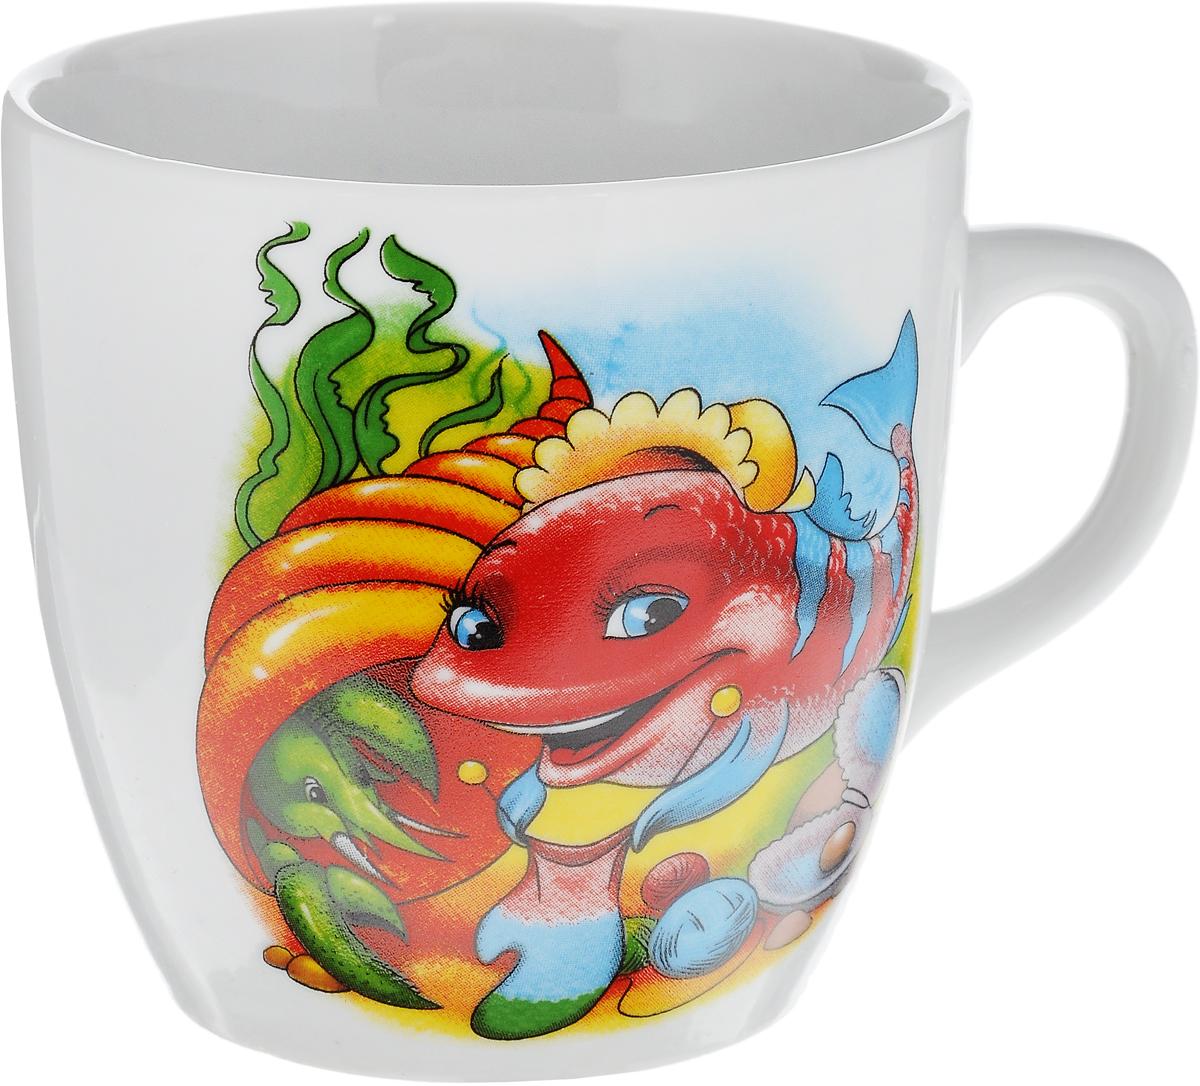 Кружка Фарфор Вербилок Тюльпан. Азбука, цвет: белый, красный, зеленый, 230 мл39085050_хорек, рыбаКружка Фарфор Вербилок Тюльпан. Азбука способна скрасить любое чаепитие. Изделие выполнено из высококачественного фарфора. Посуда из такого материала позволяет сохранить истинный вкус напитка, а также помогает ему дольше оставаться теплым. Диаметр по верхнему краю: 8 см. Высота кружки: 7,5 см.